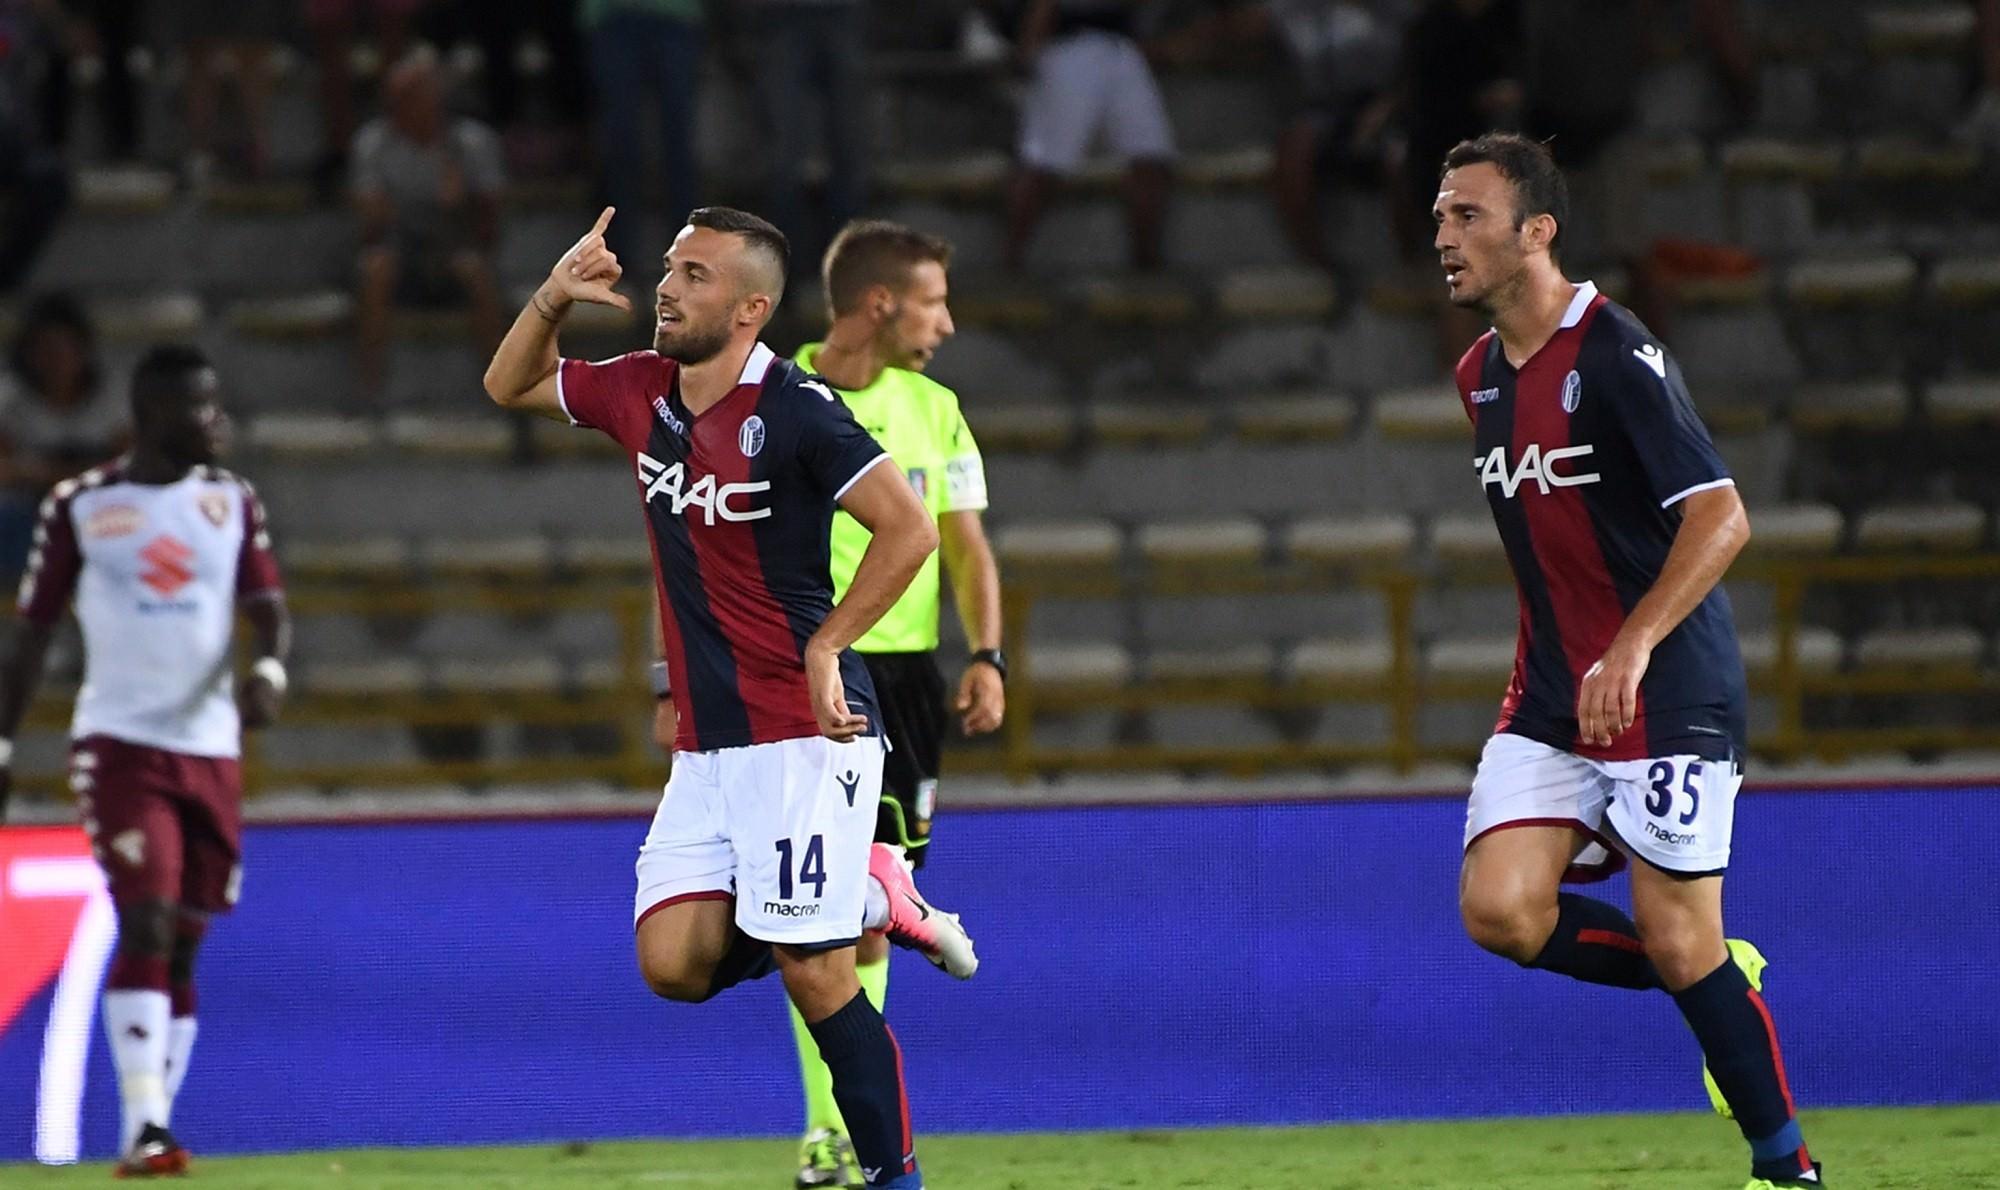 開幕戦はトリノ相手に1-1のドロー © Bologna FC